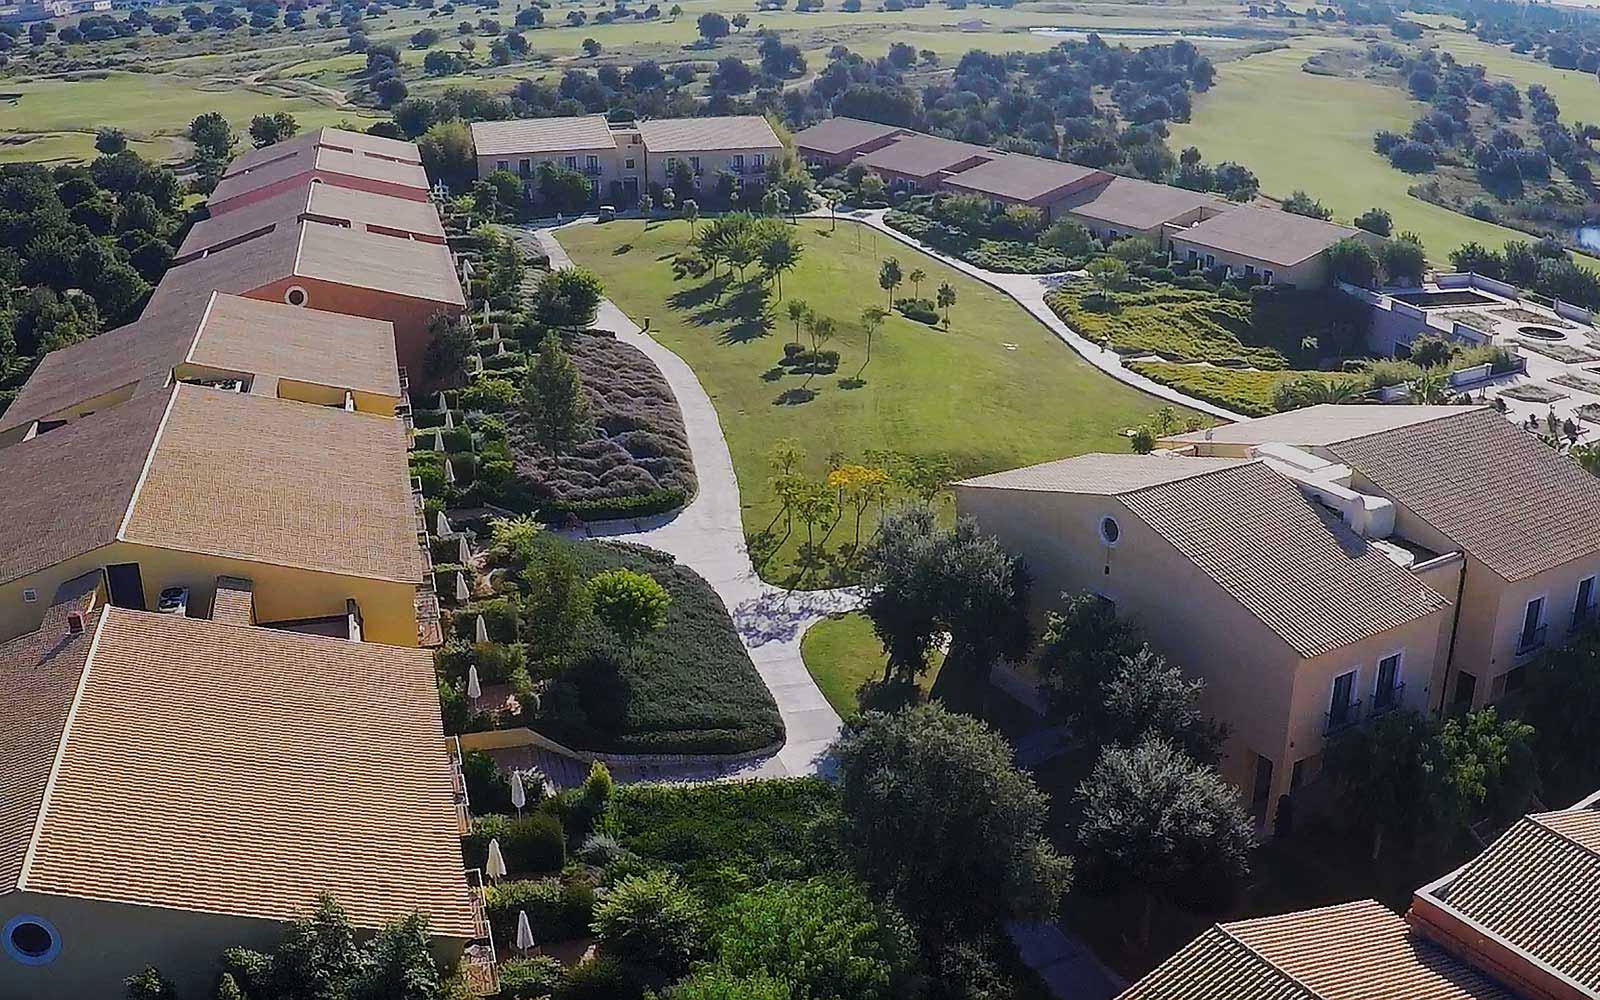 Aerial view at Donnafugata Golf Resort & Spa